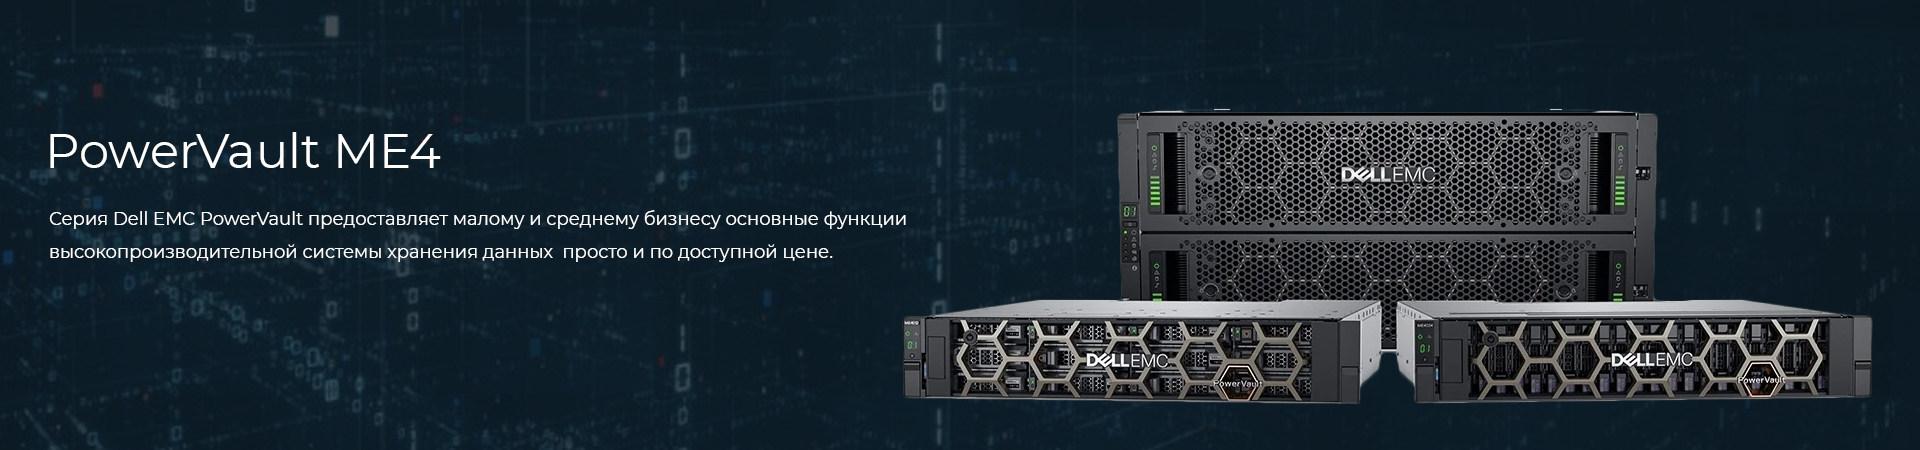 Гибридная-система-хранения-данных-PowerVault-ME4